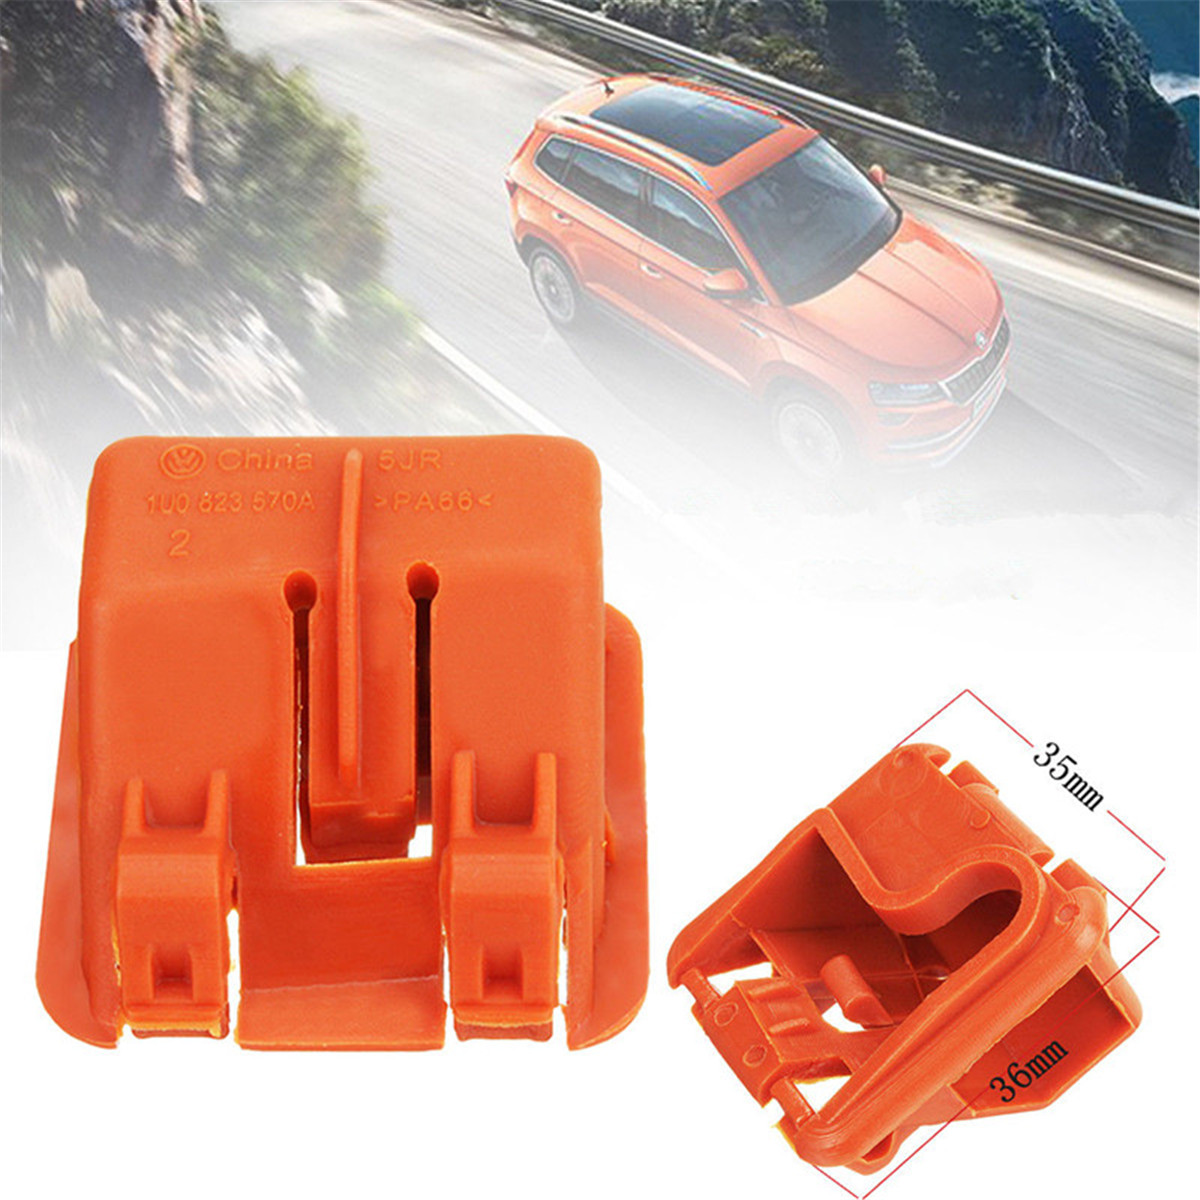 1* Hood Bonnet Rod Stay Clip Bracket Fit For Skoda Fabia Octavia MK2 2004-2013